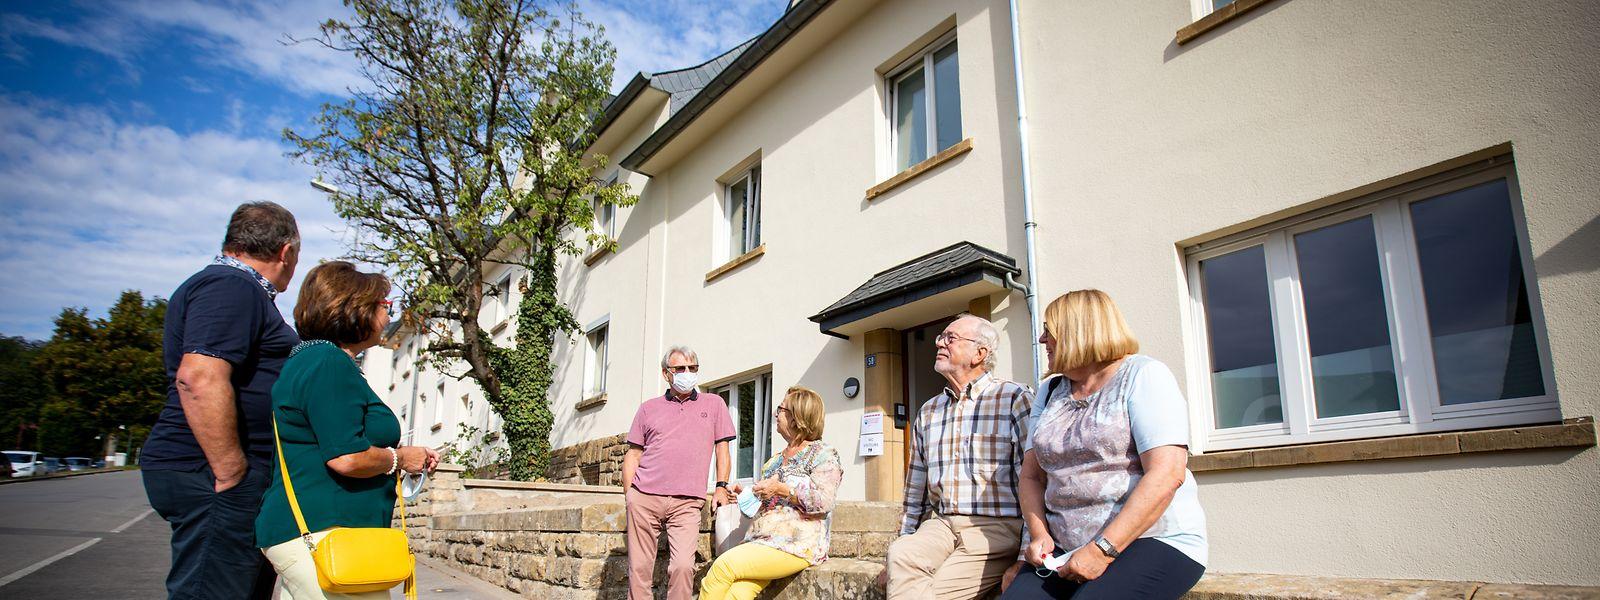 Vorher grau, jetzt beige: Vor den frisch gestrichenen Zollhäusern warten Besucher, die die künftigen Wohnräume für Flüchtlinge anschauen wollen.